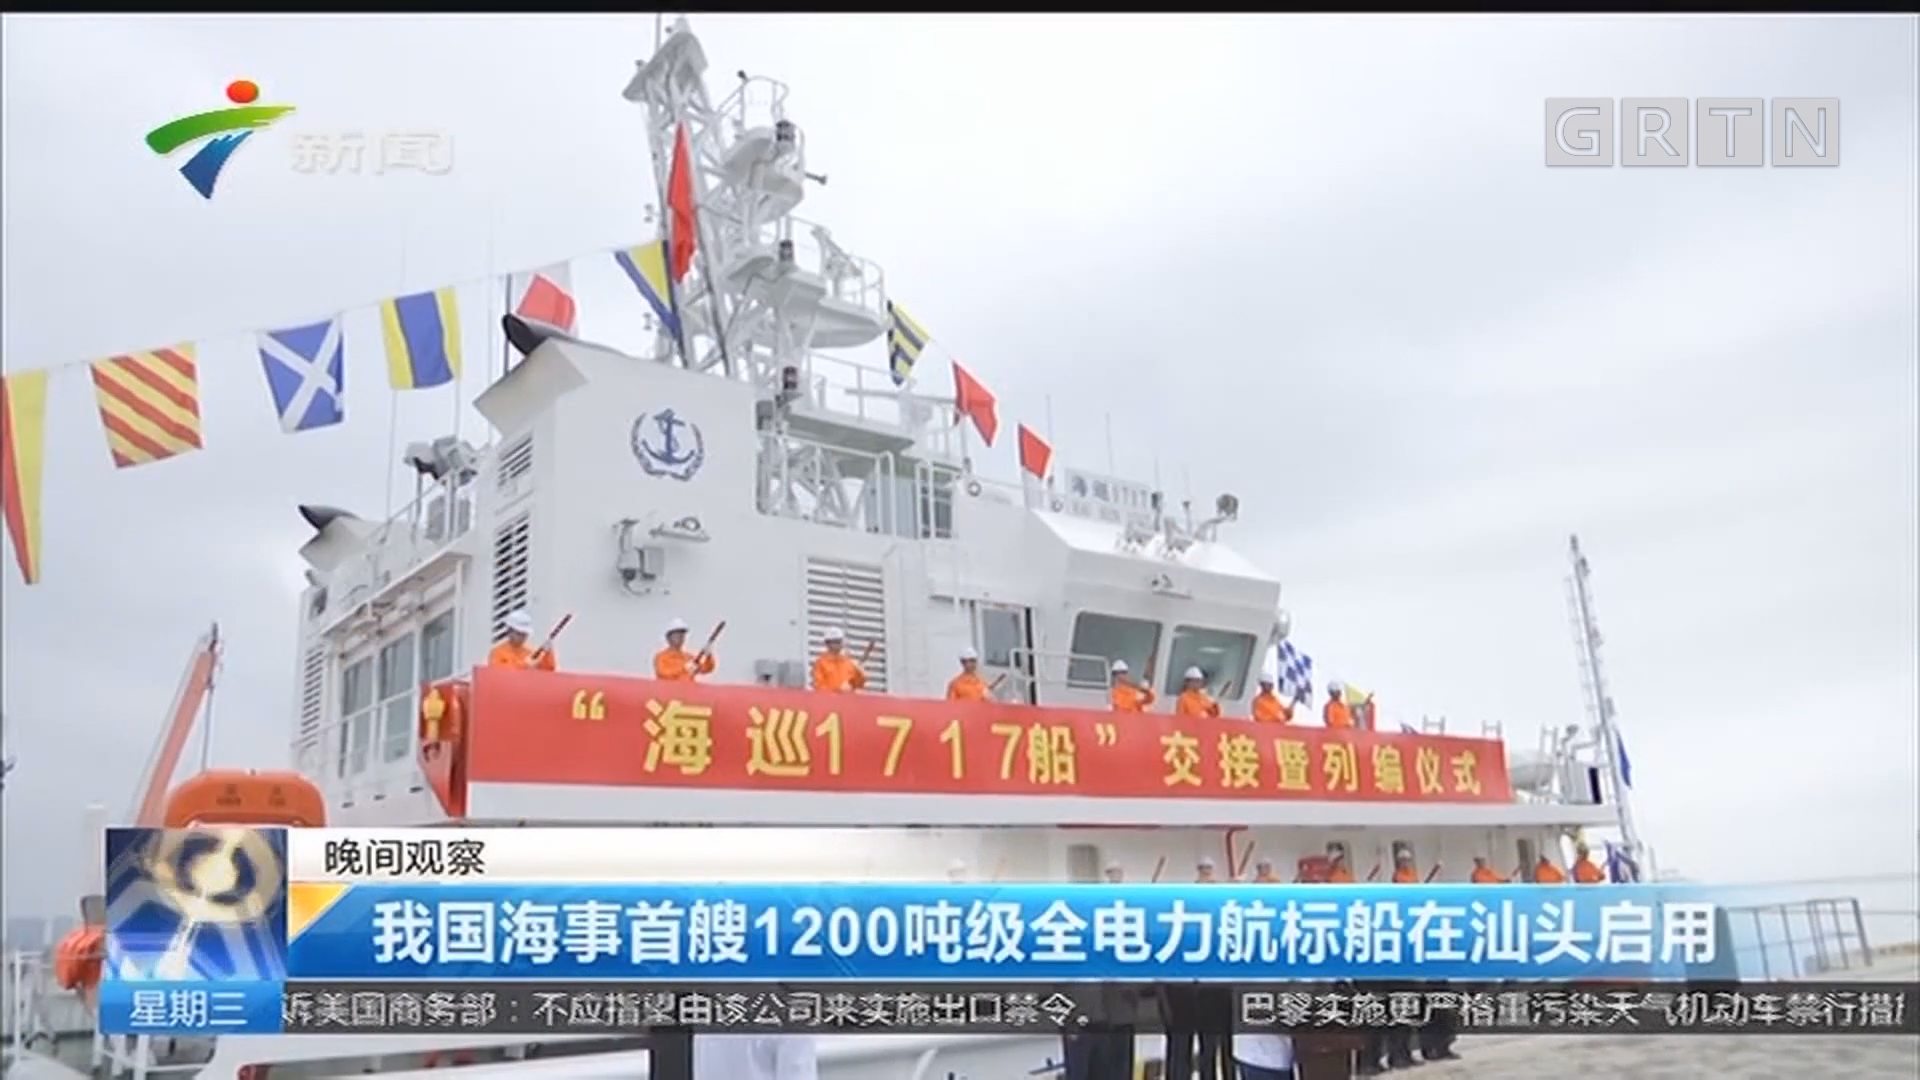 我国海事首艘1200吨级全电力航标船在汕头启用